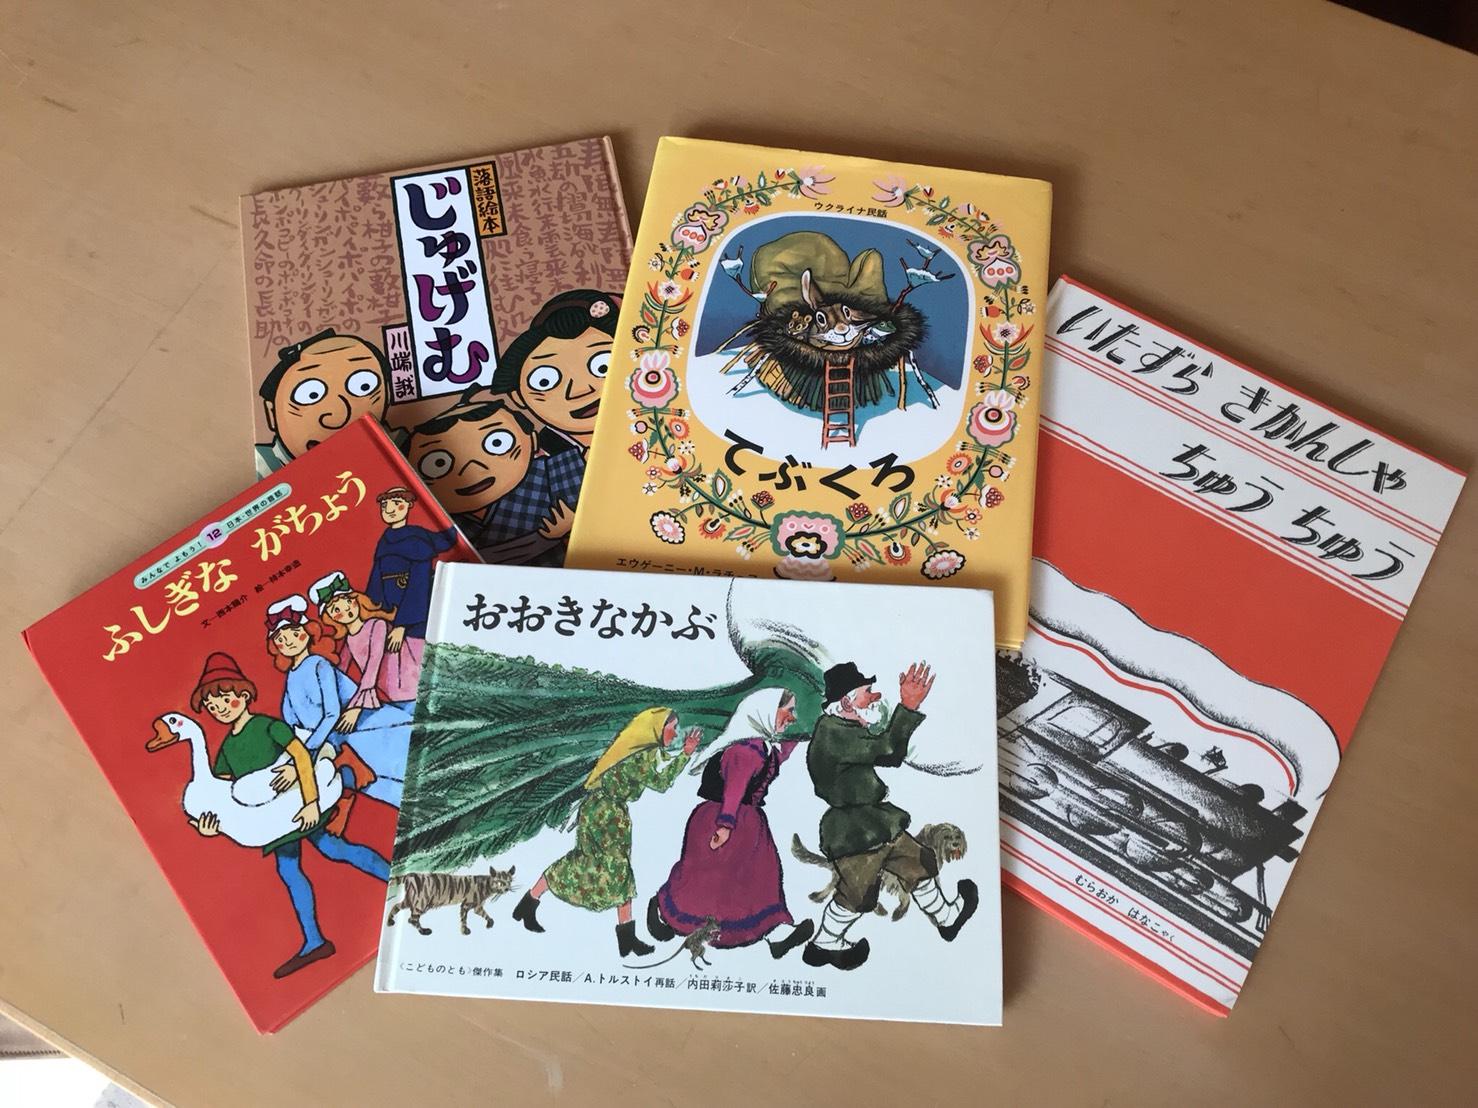 【ママさん読者にお願い】9/17(月・祝)エコックル絵本ひろば♪ 読まなくなった本を譲ってください! 同時開催[家族フォト撮影会]も。